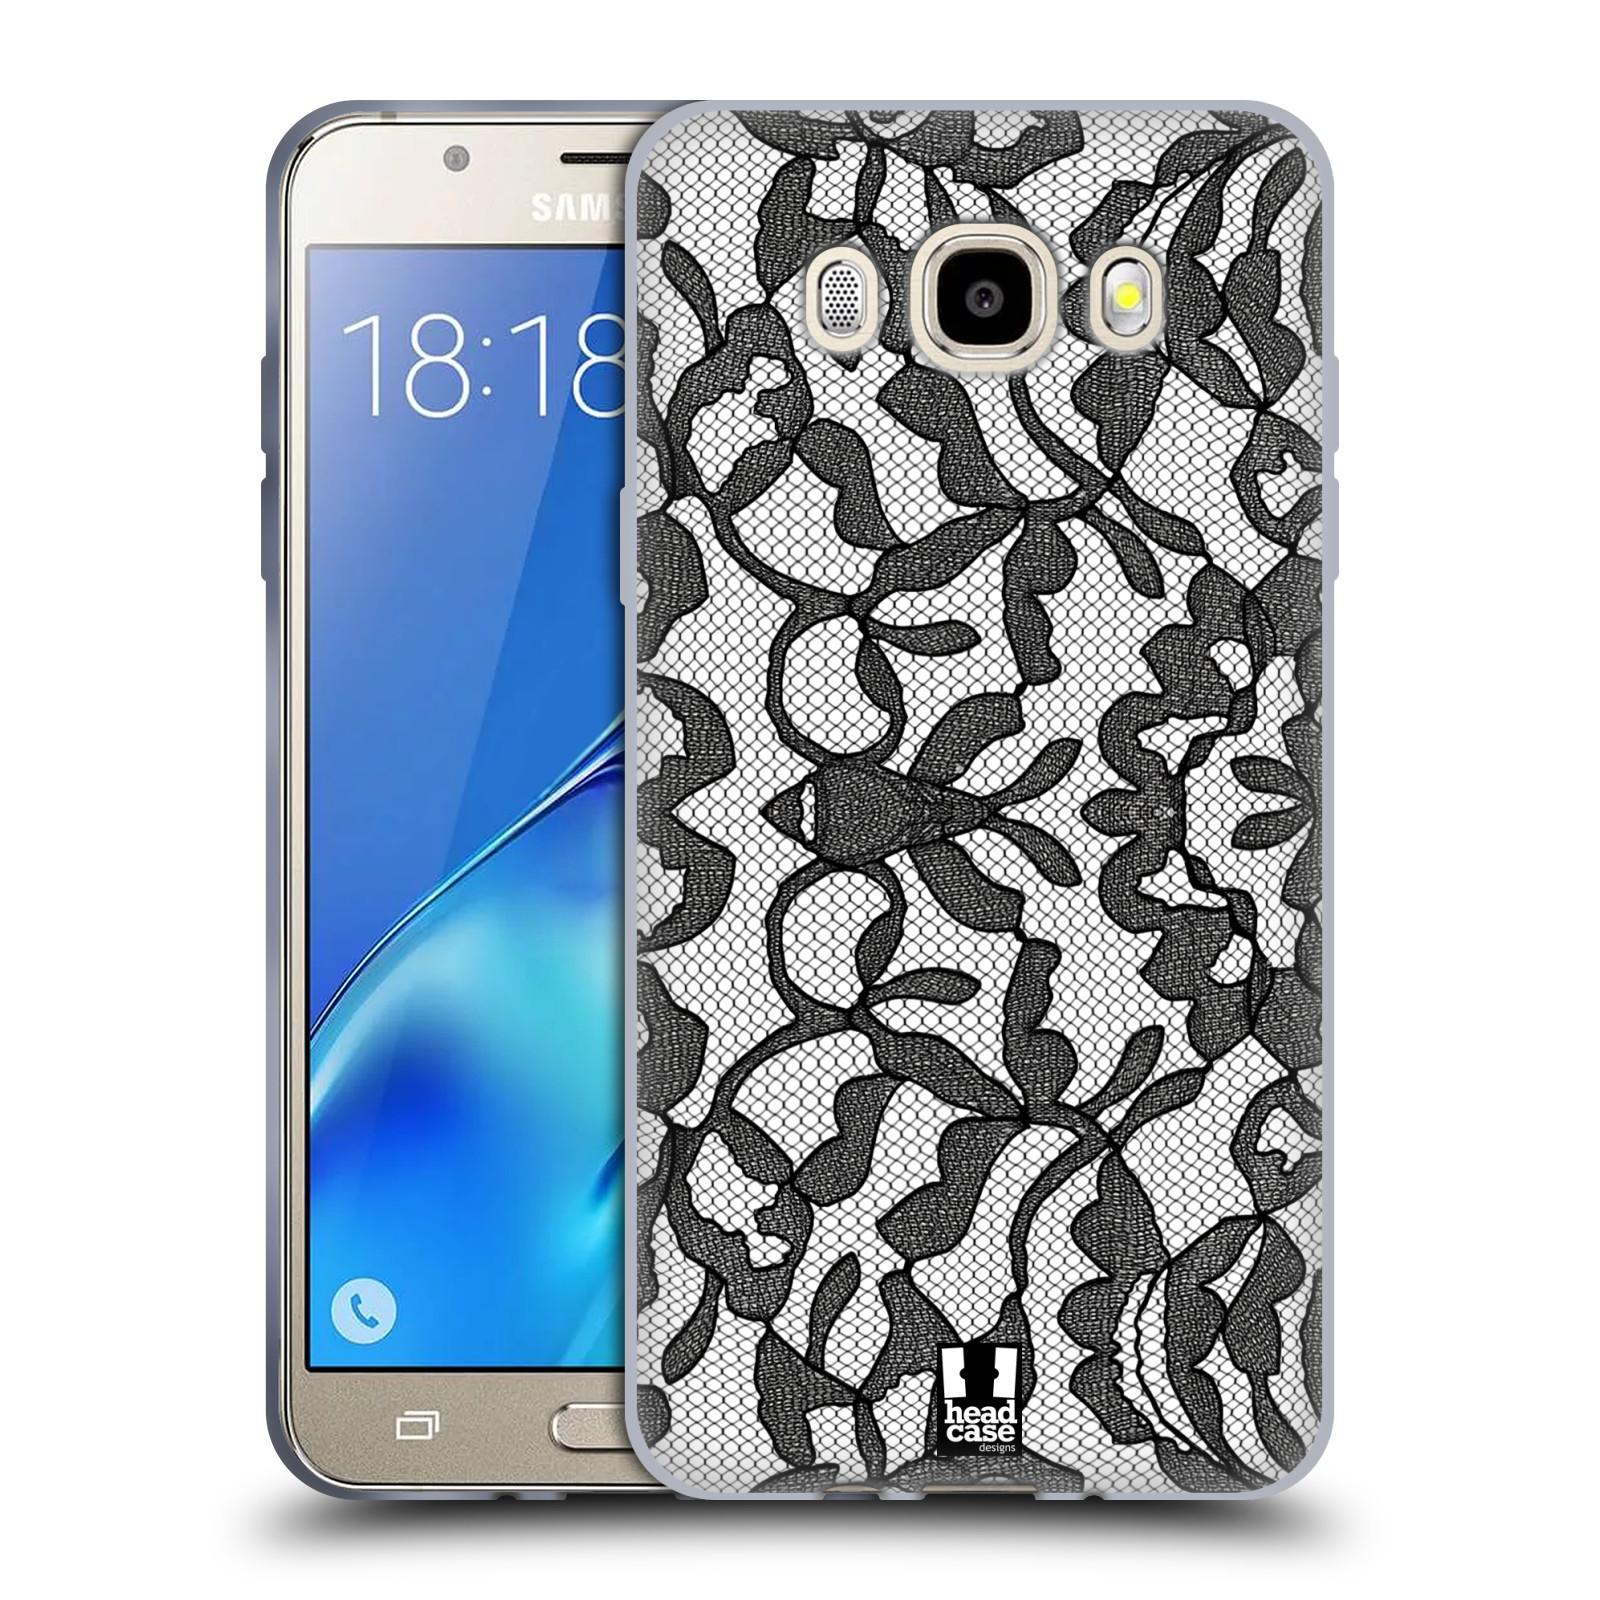 Silikonové pouzdro na mobil Samsung Galaxy J5 (2016) HEAD CASE LEAFY KRAJKA (Silikonový kryt či obal na mobilní telefon Samsung Galaxy J5 (2016) SM-J510)